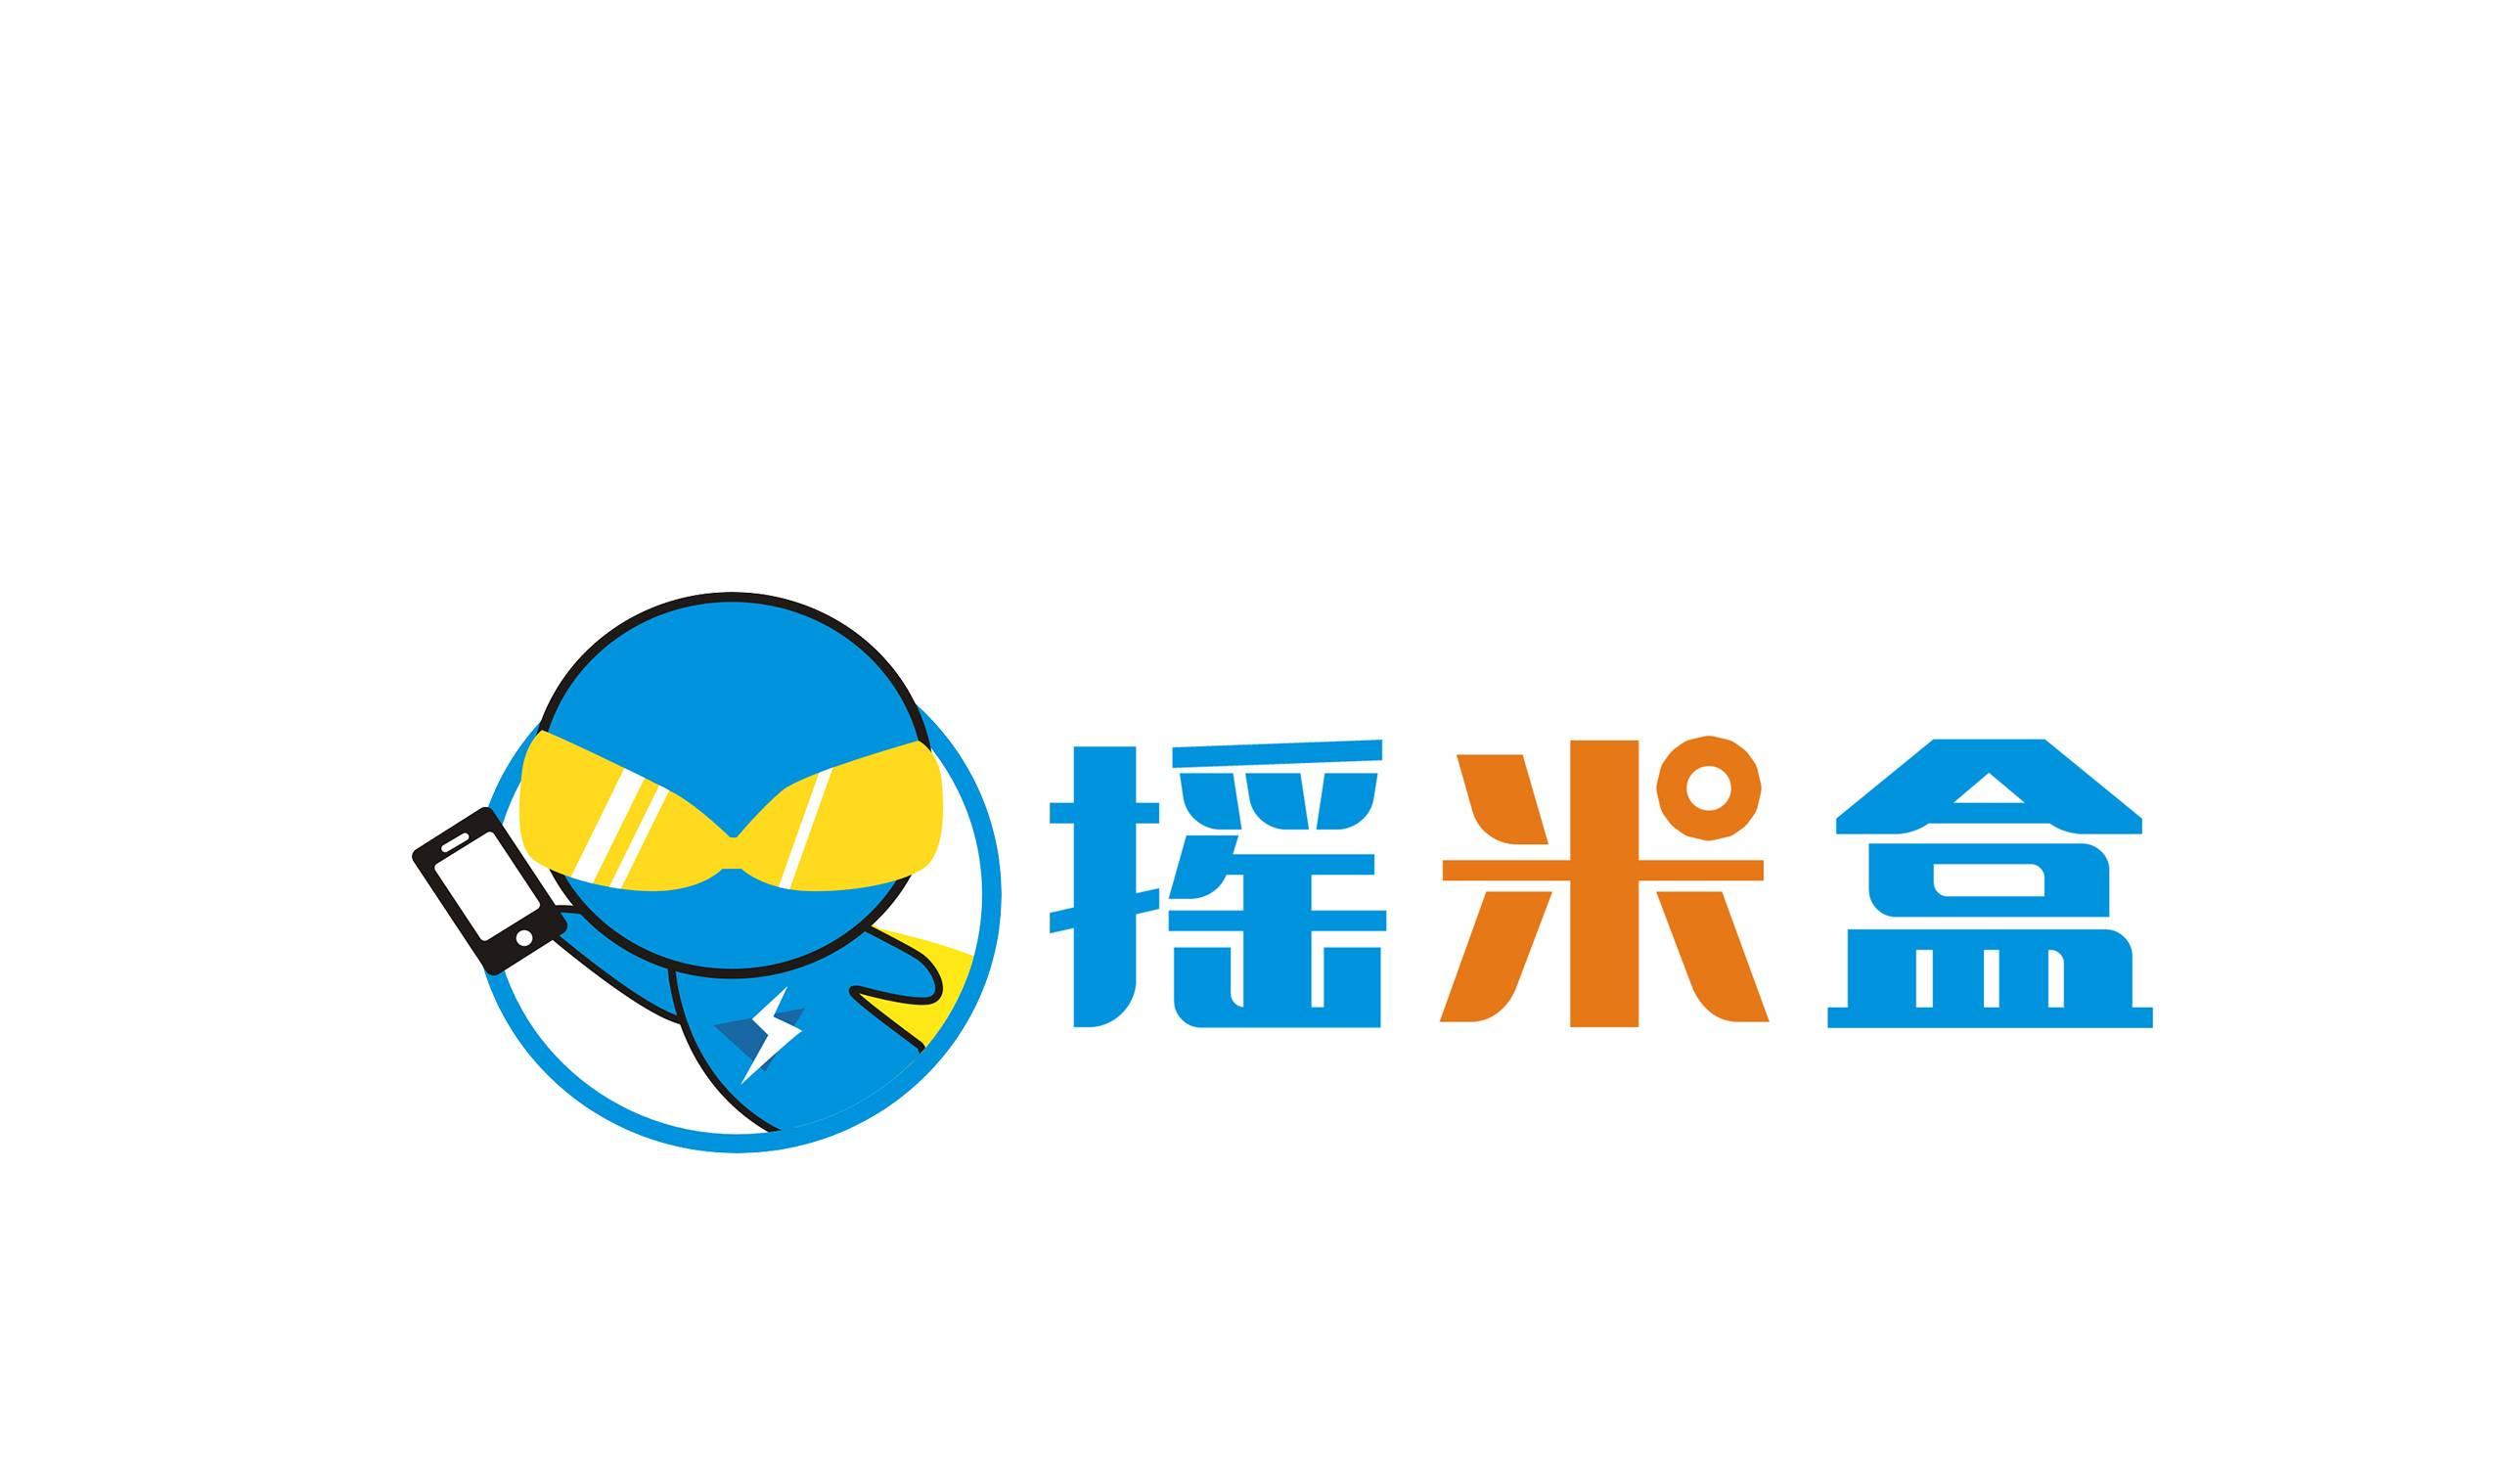 公众号加粉+三大运营商WIFI模式